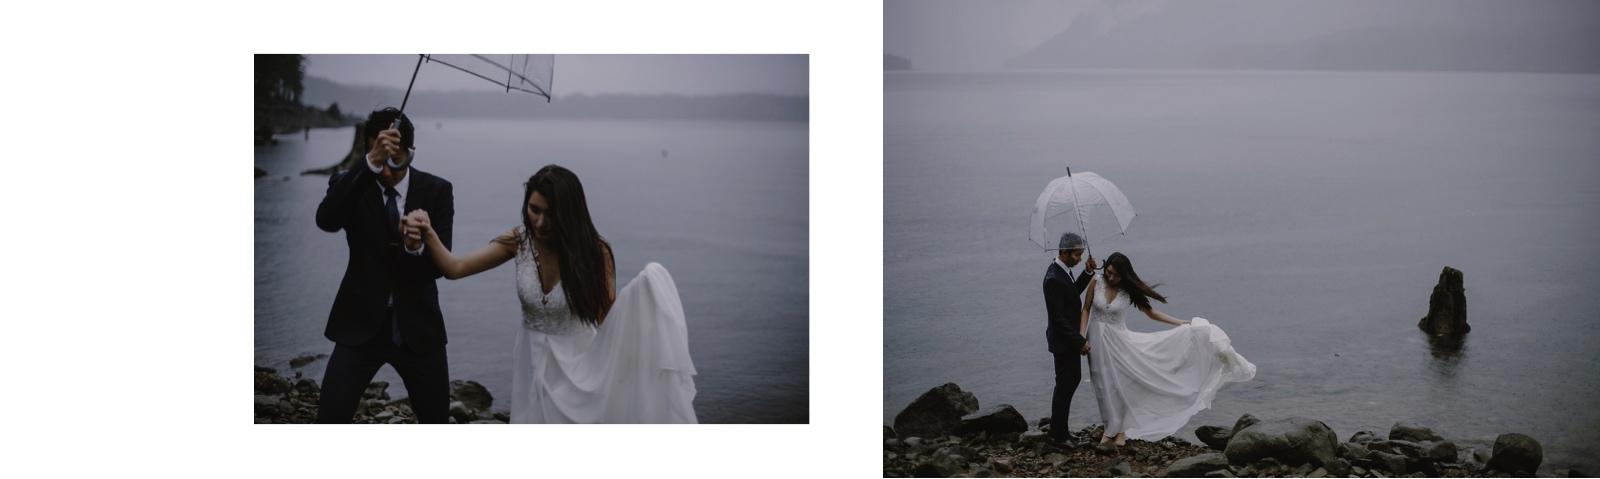 Rainy_Lake_Engagement_Session_Kristen_Marie_Parker001.JPG